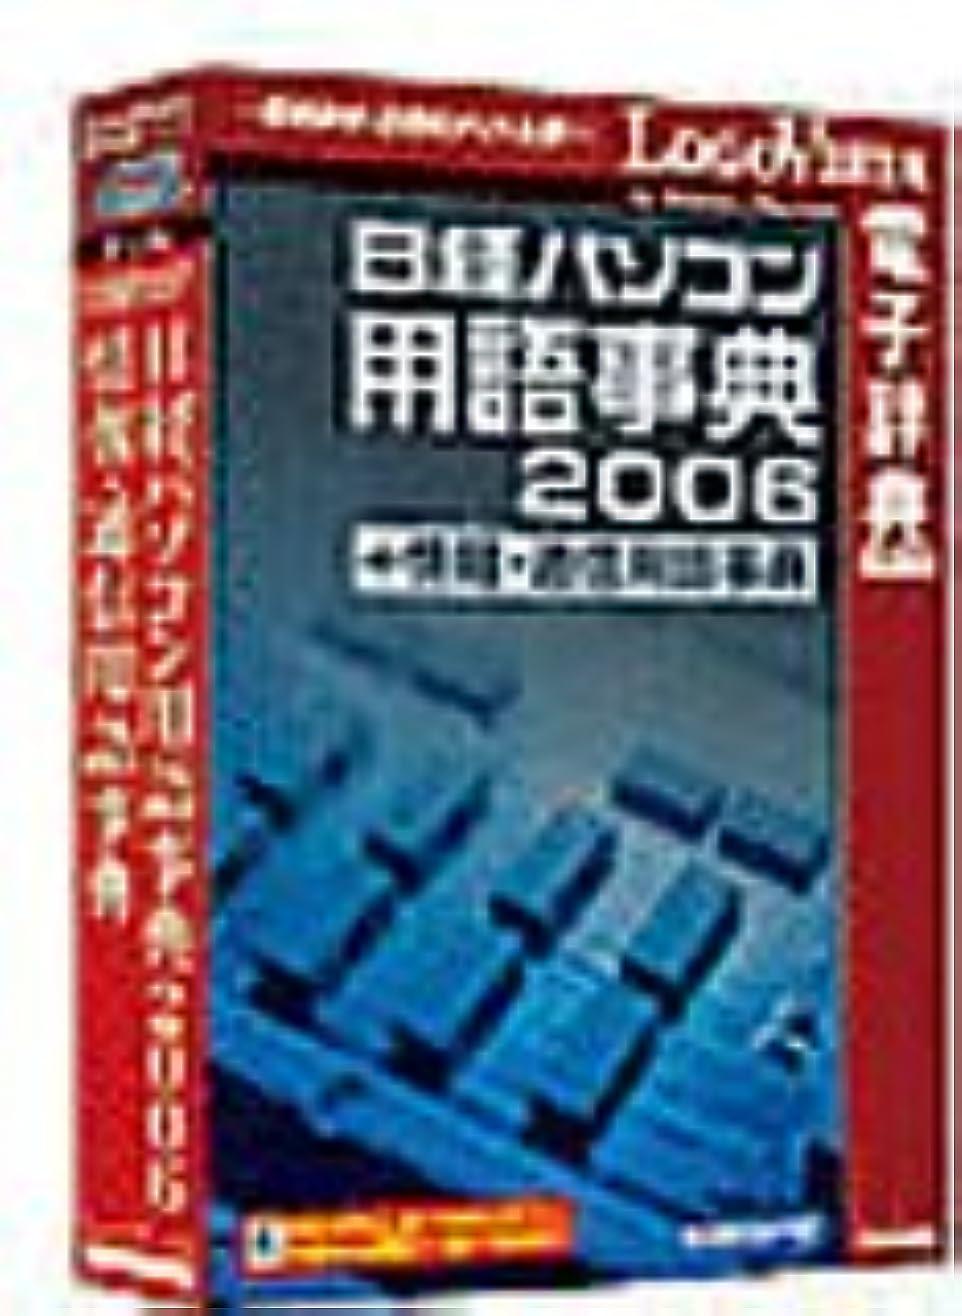 トーナメントオンス完璧な日経パソコン用語事典 2006 + 情報?通信用語事典